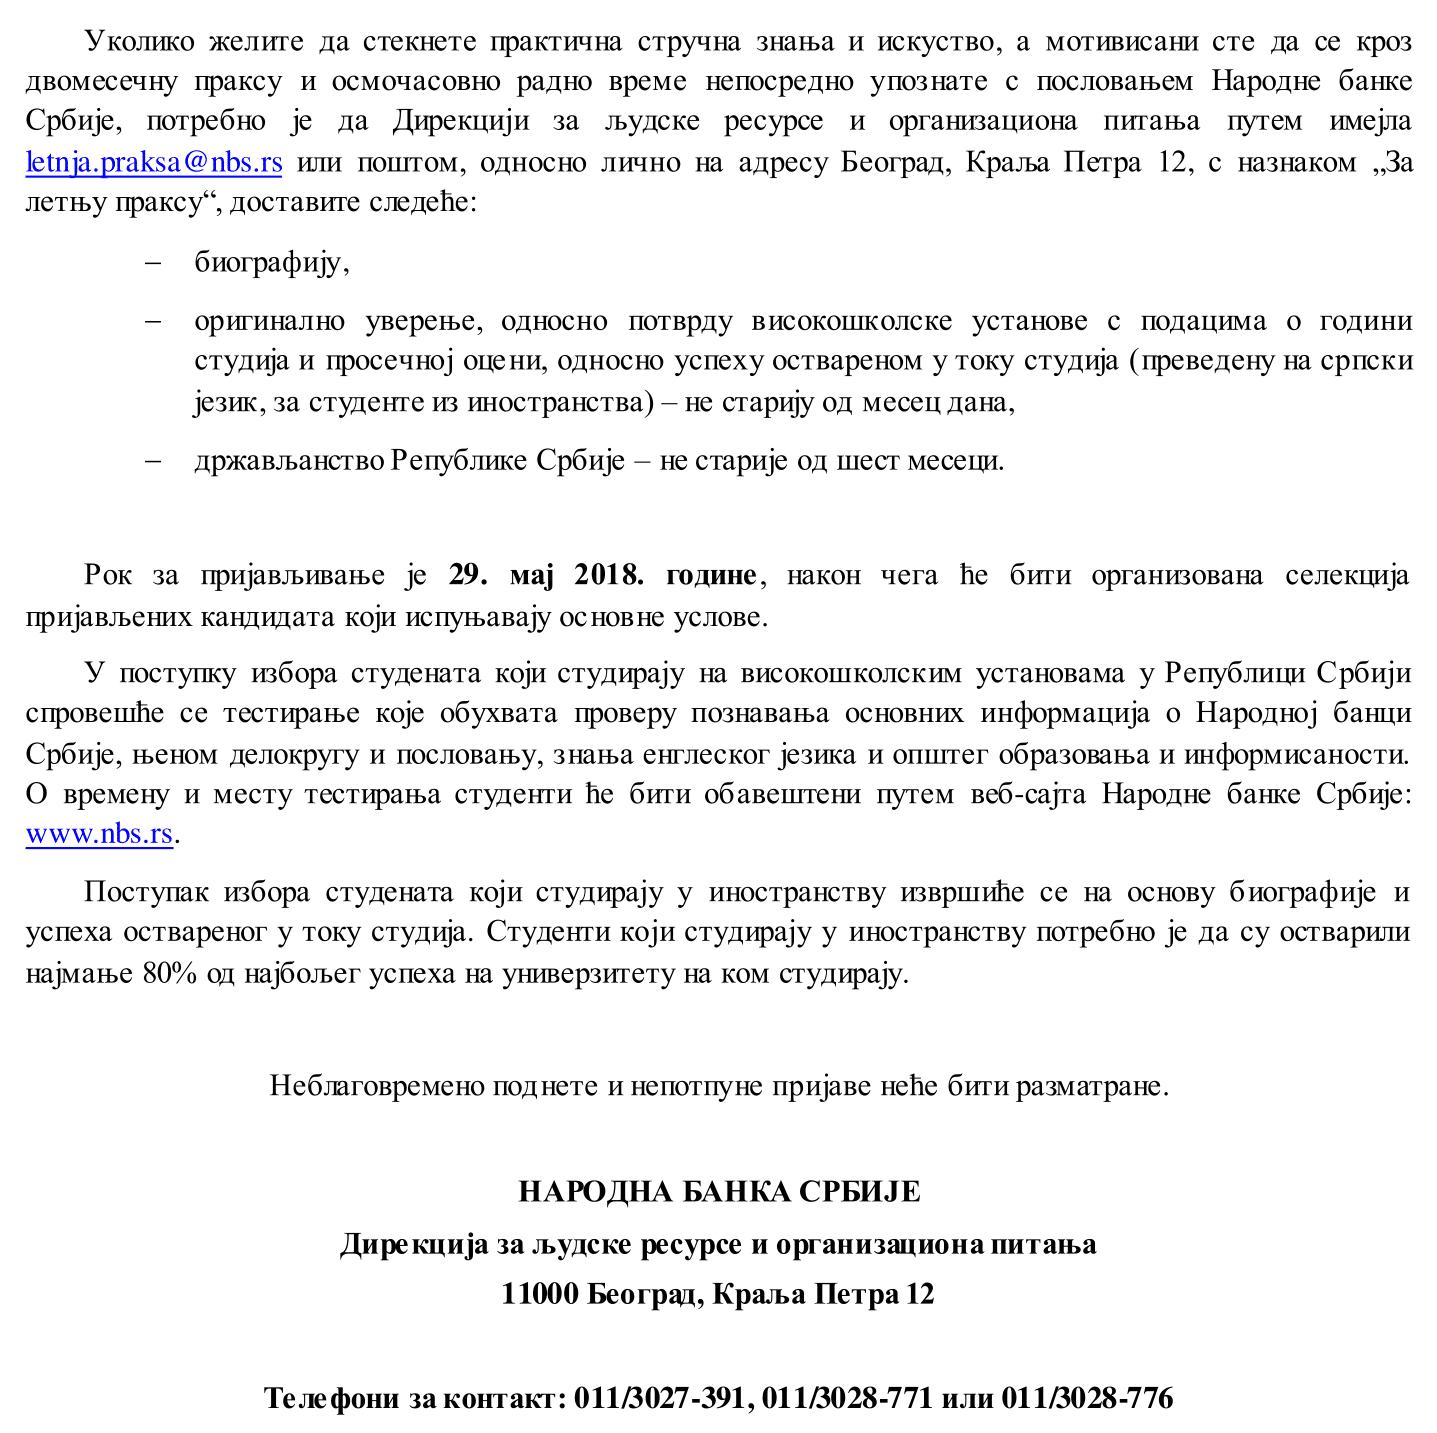 Poziv za obavljanje letnje prakse 2018-2